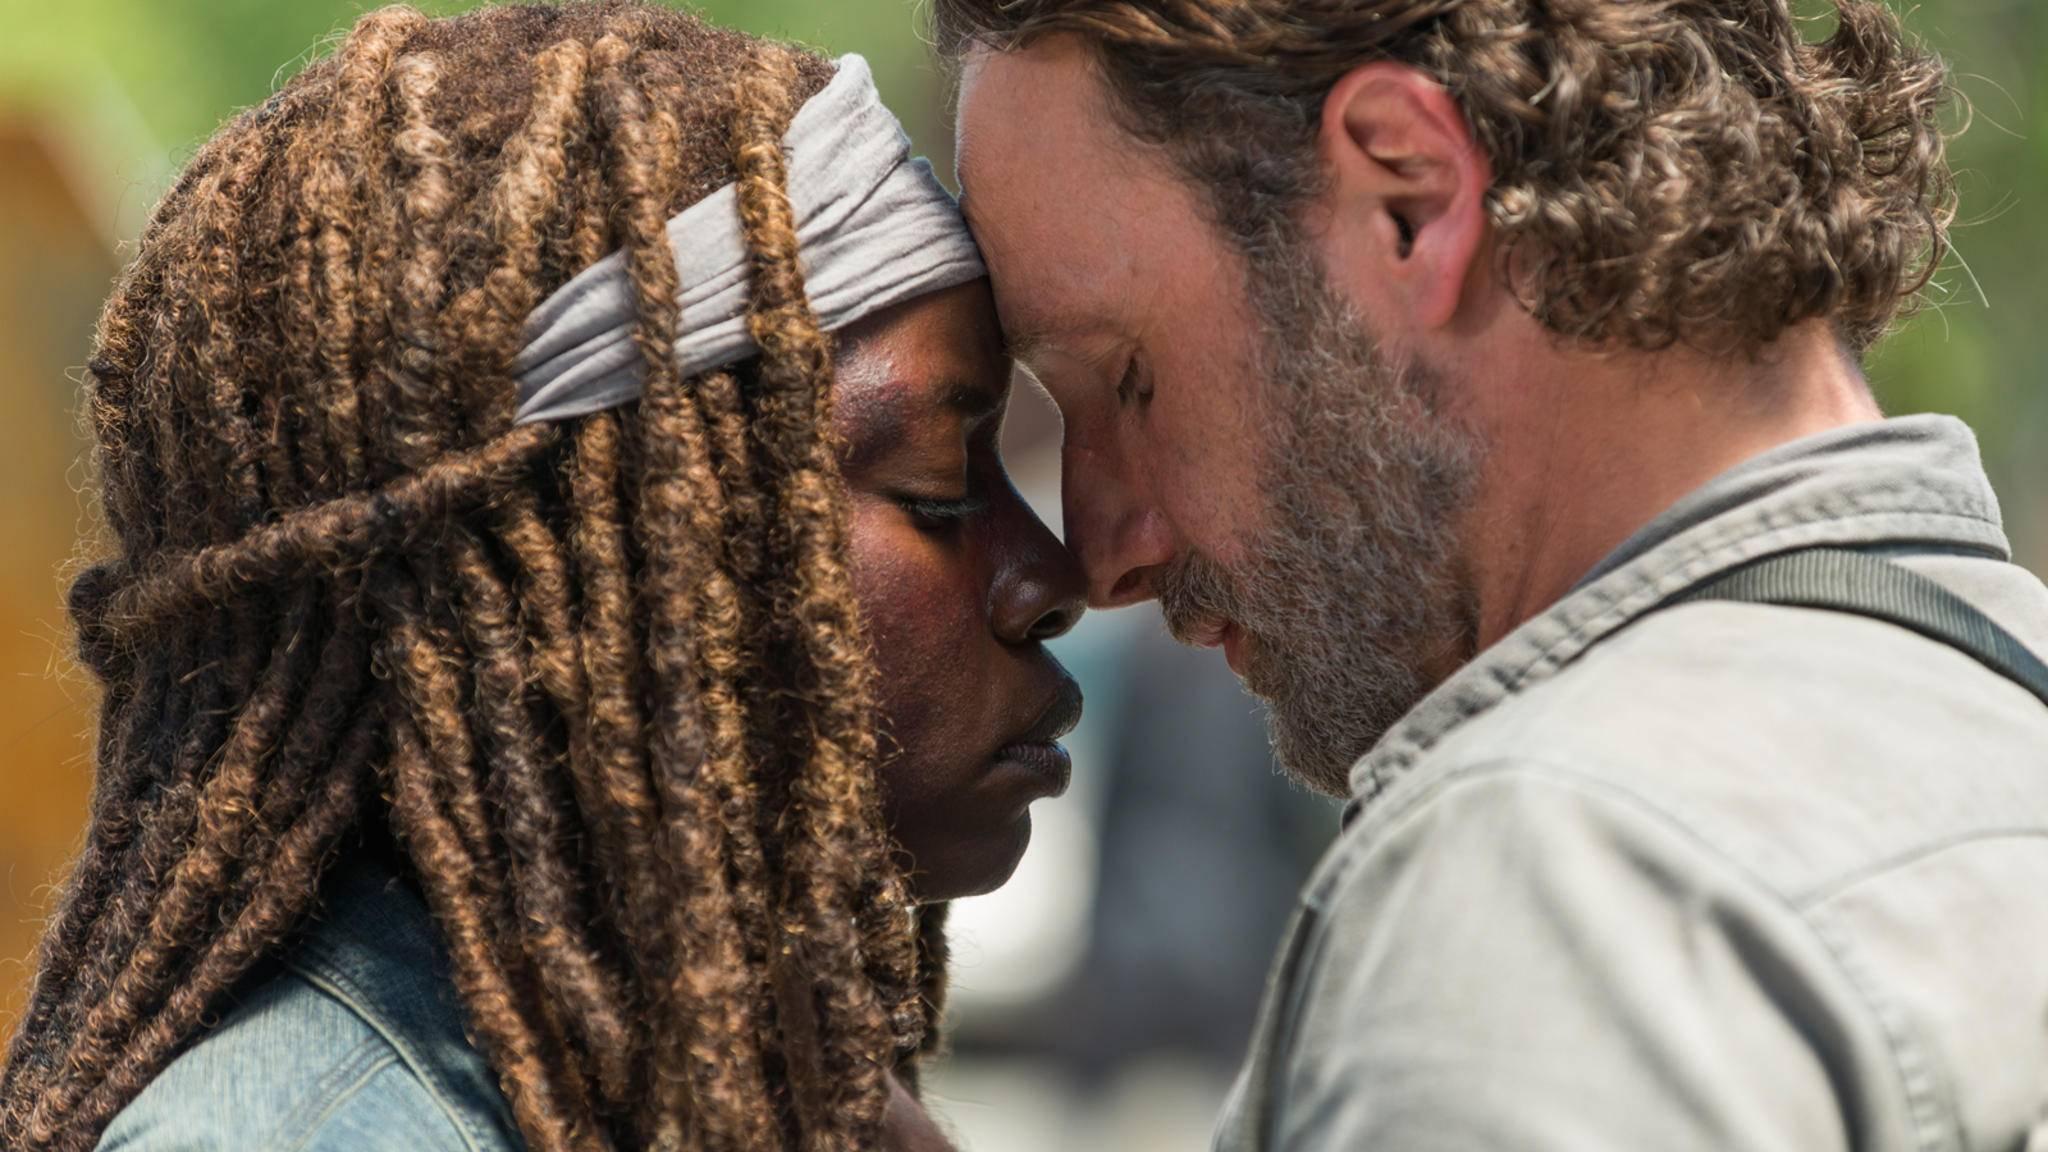 Auch die Liebe zwischen Rick und Michonne: War etwa alles nur ein Traum? Eine furchtbare Vorstellung.